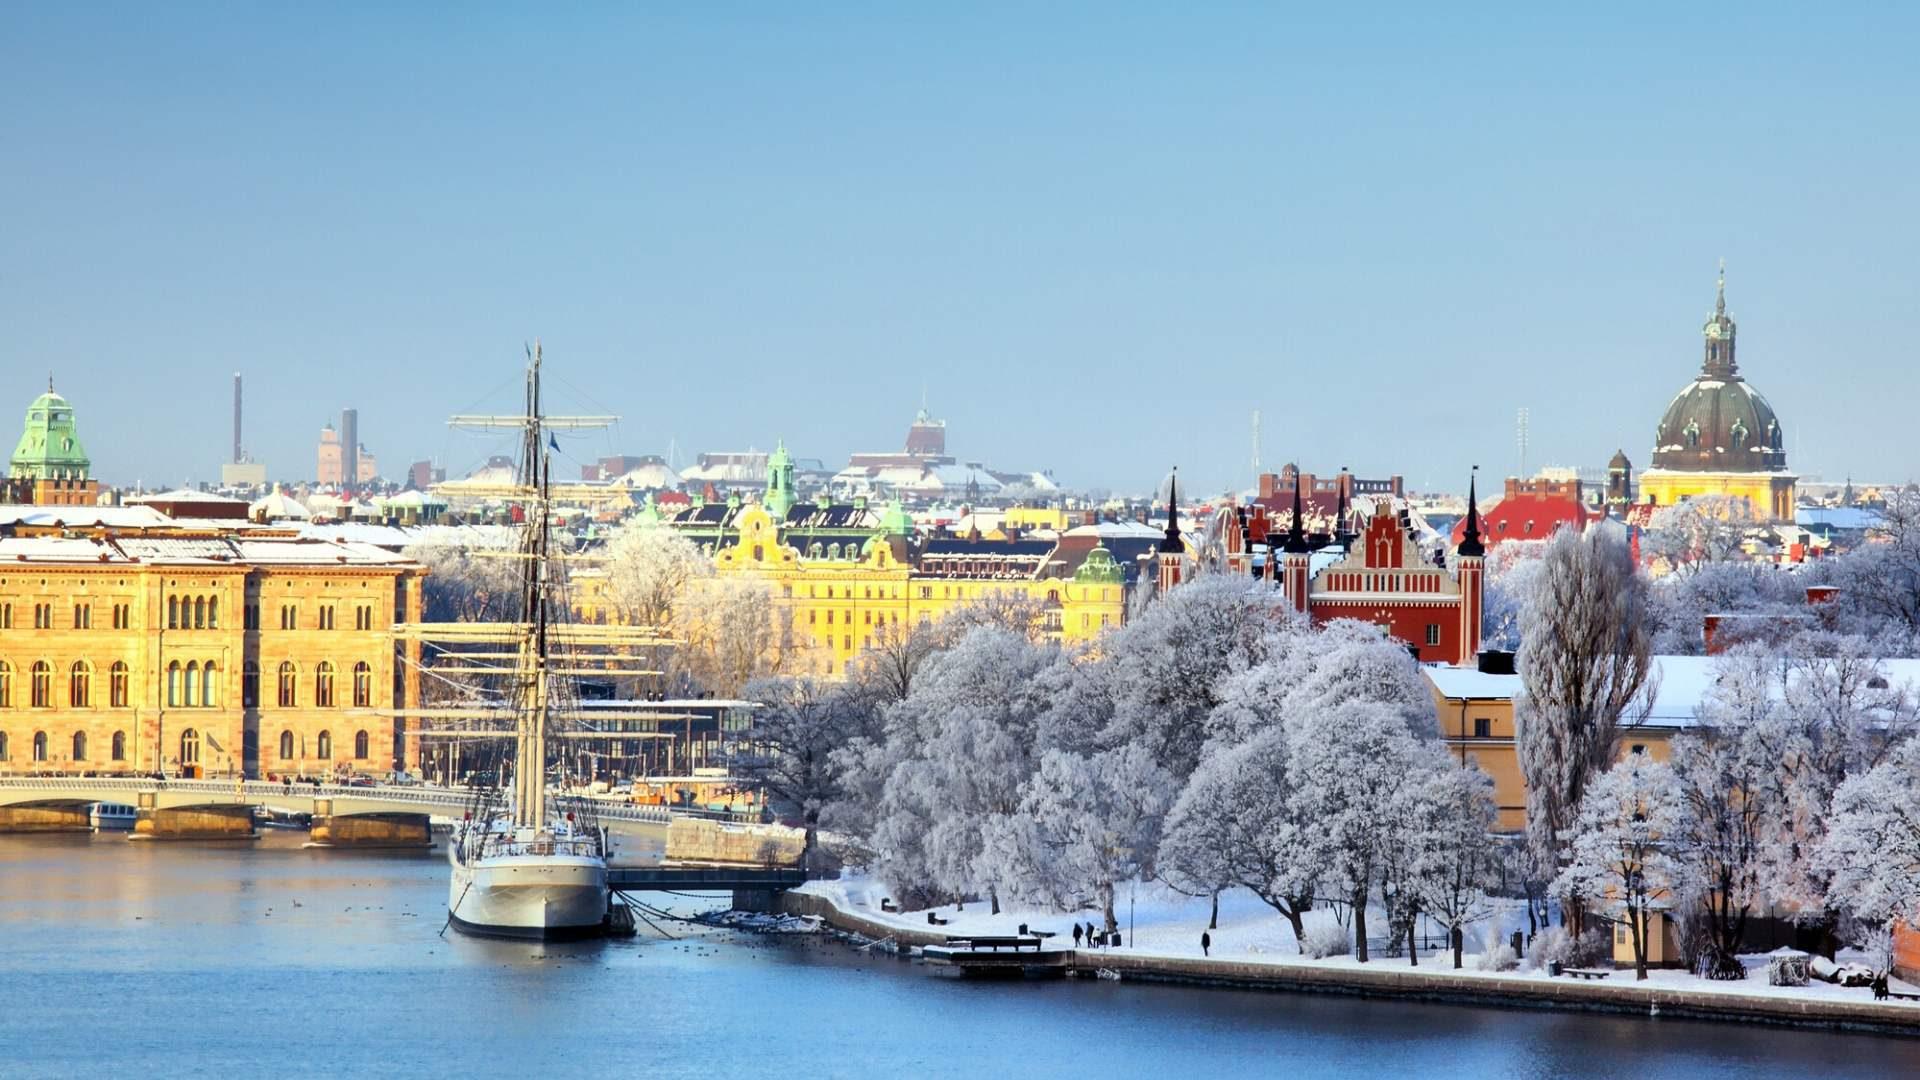 Žiemos metu Stokholmas atsiskleidžia kitomis spalvomis